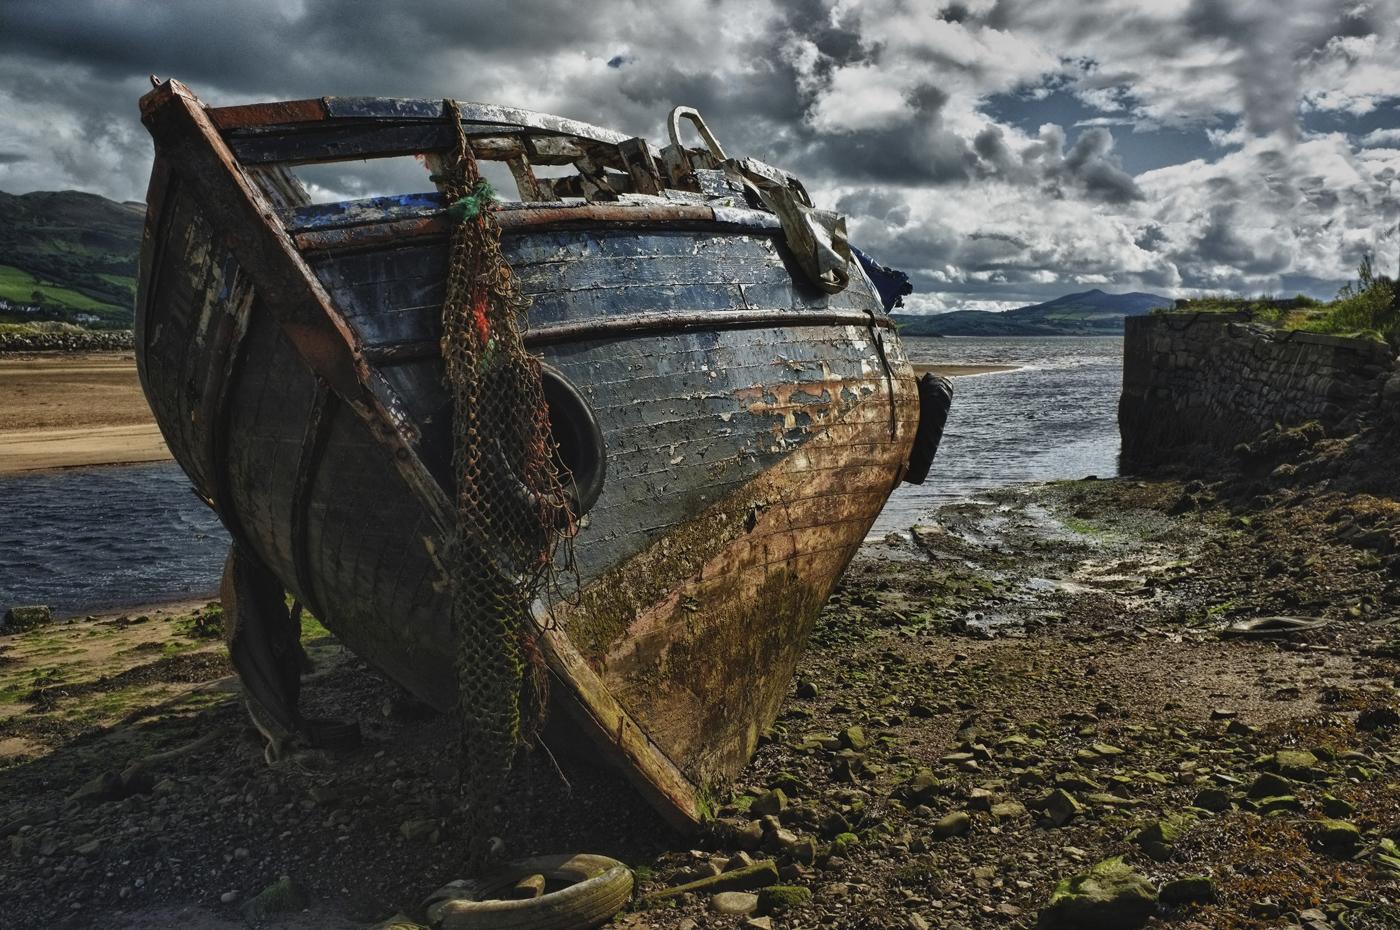 SRTS_Beached_John Murdie.jpg